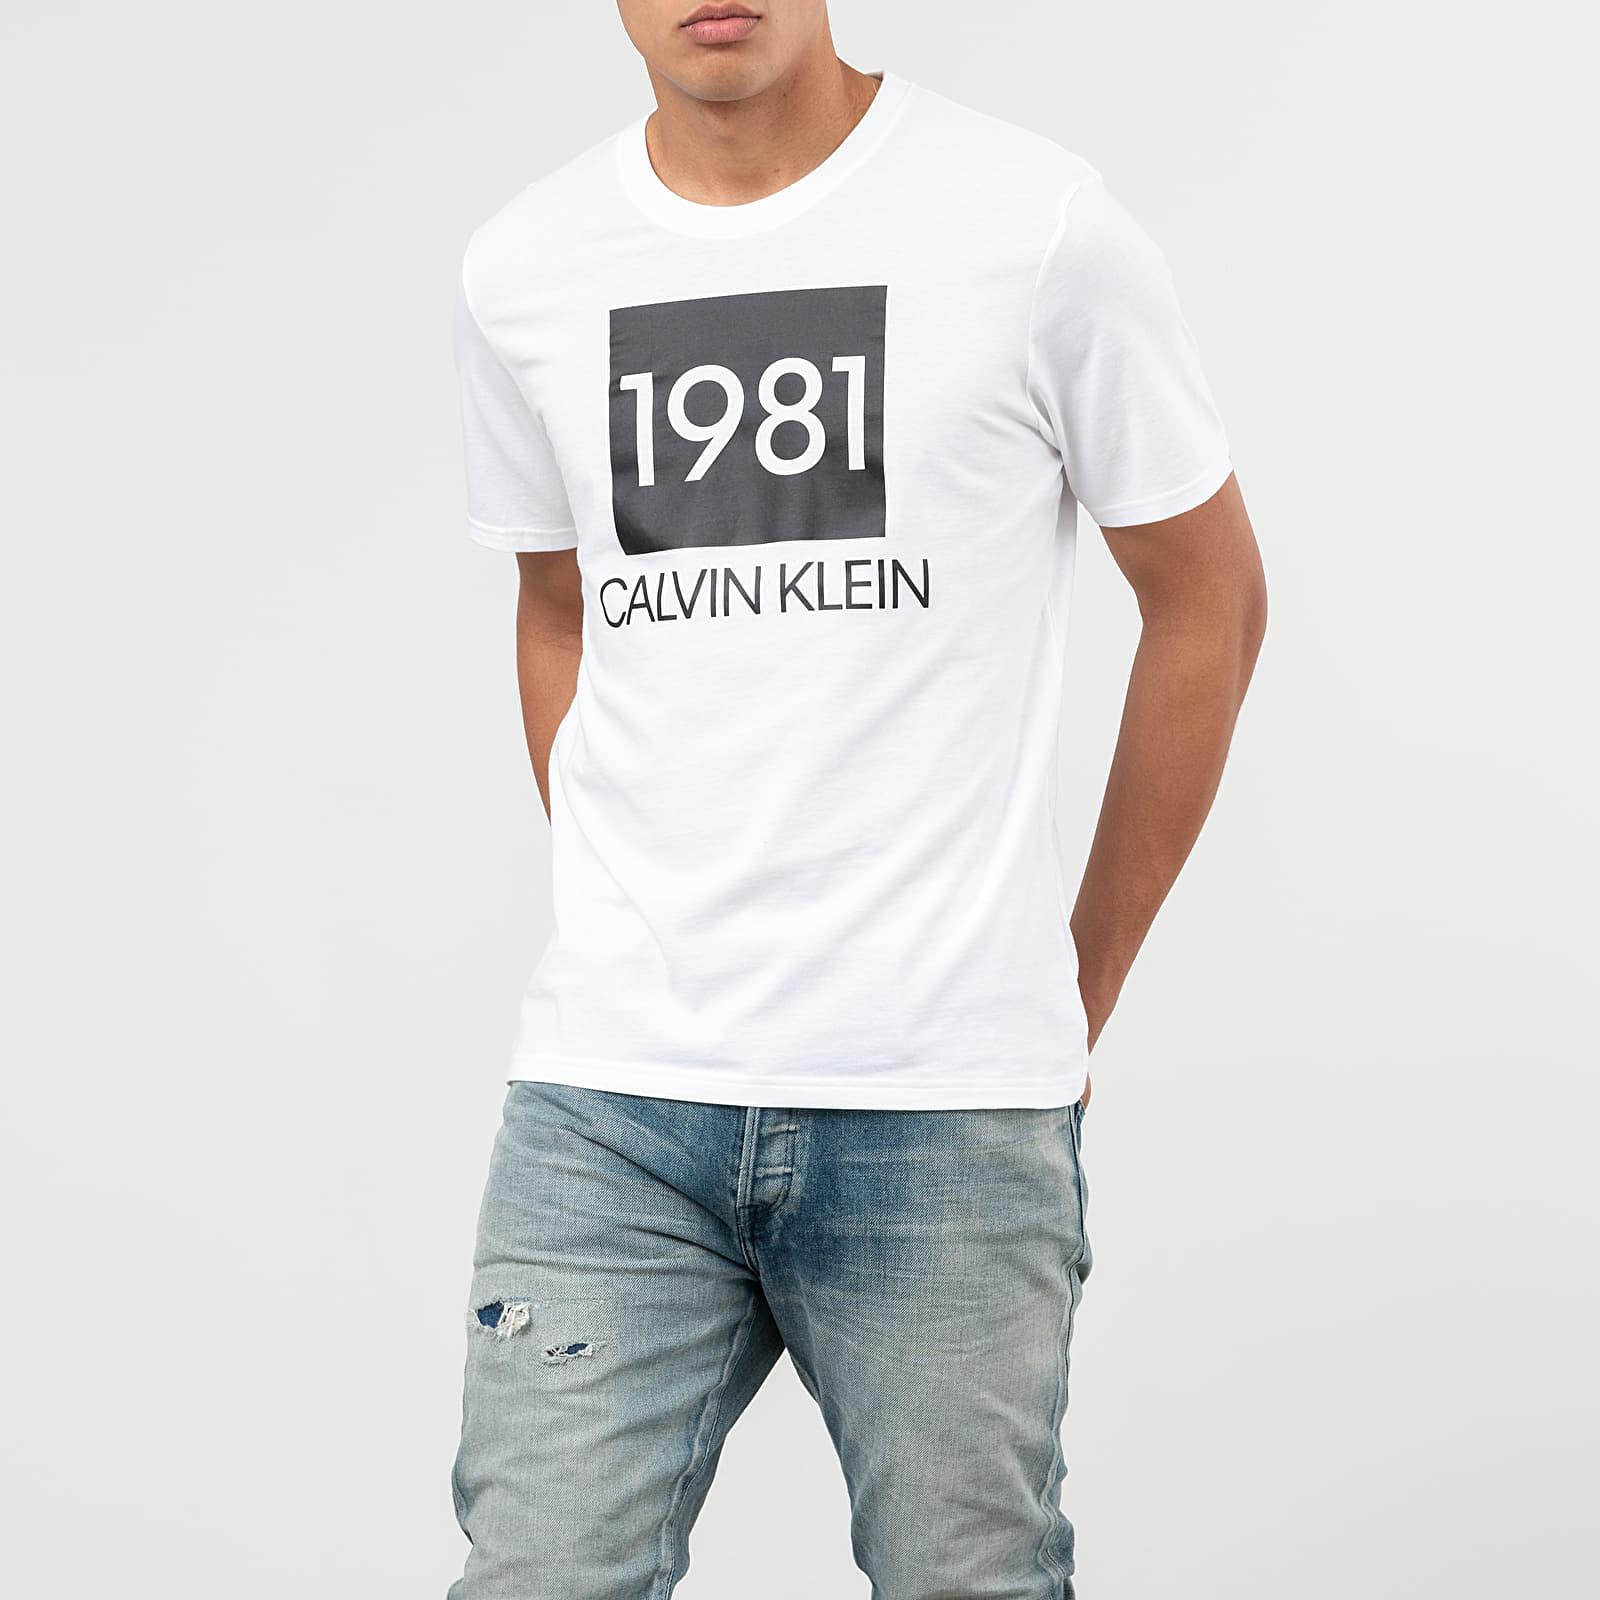 Calvin Klein 1981 Tee